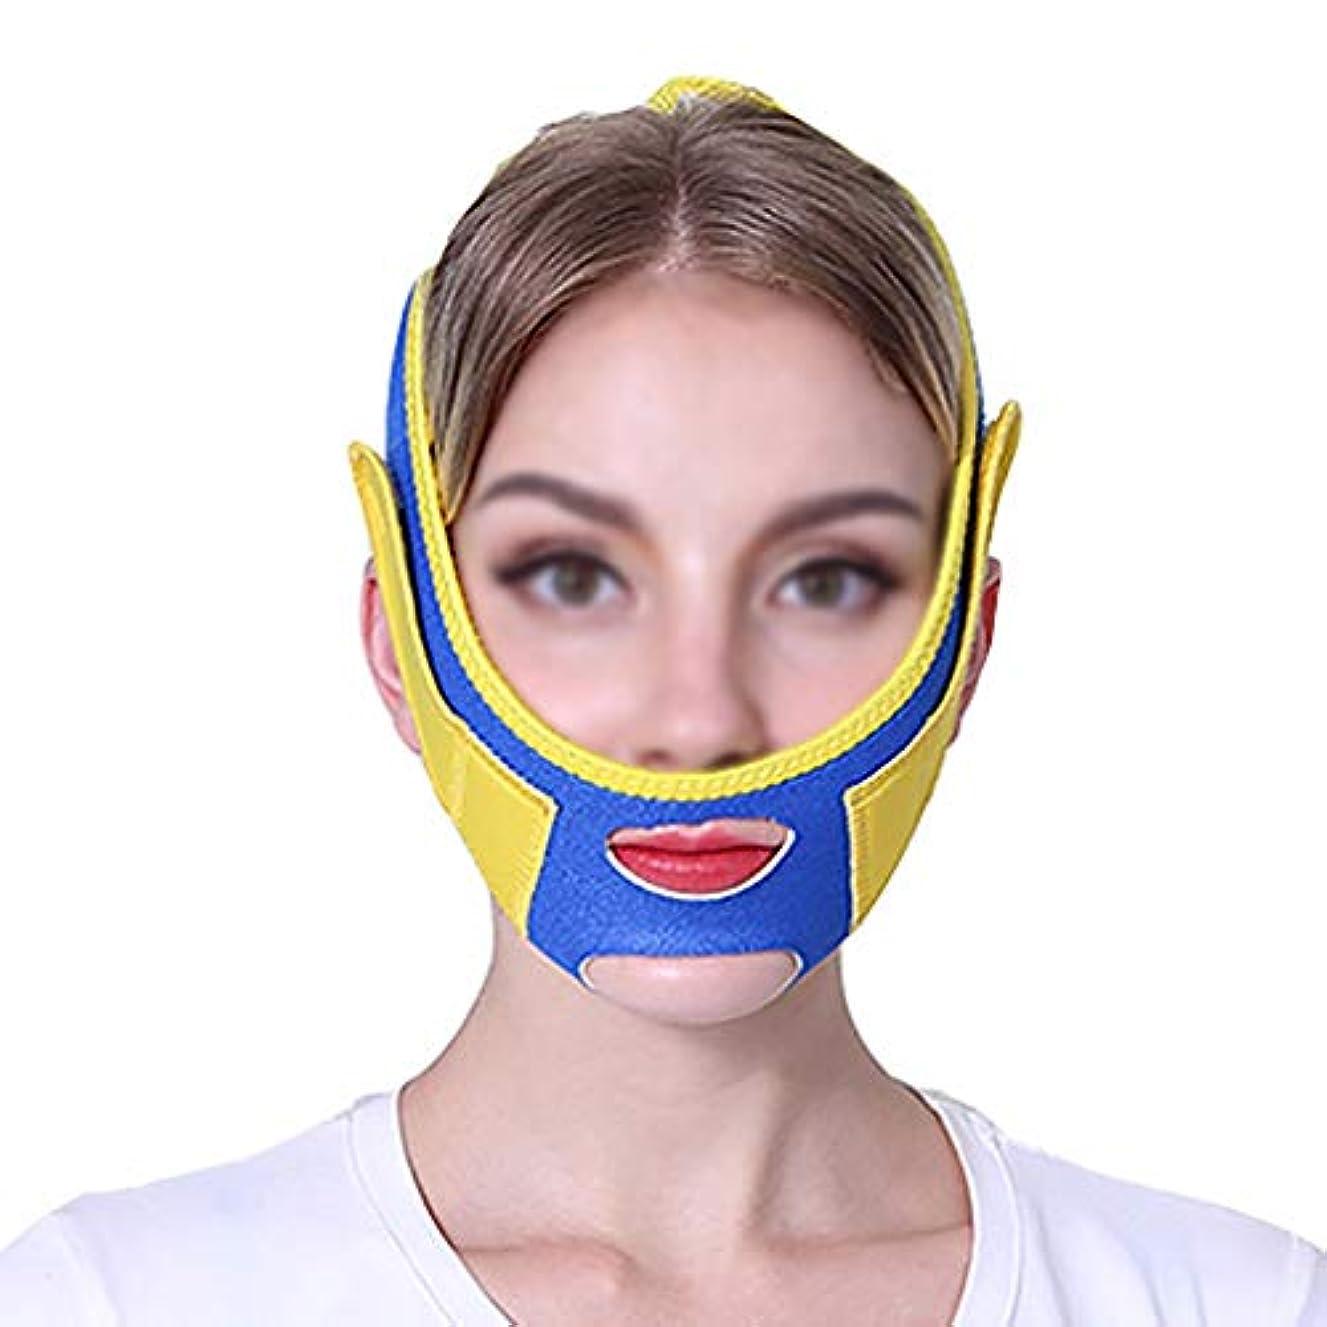 オーバーラン後ろにふざけたGLJJQMY ファーミングマスクスモールvフェイスアーティファクトリフティングマスクフェイスリフティングフェイスリフティングマスクファーミングクリームフェイシャルリフティング包帯 顔用整形マスク